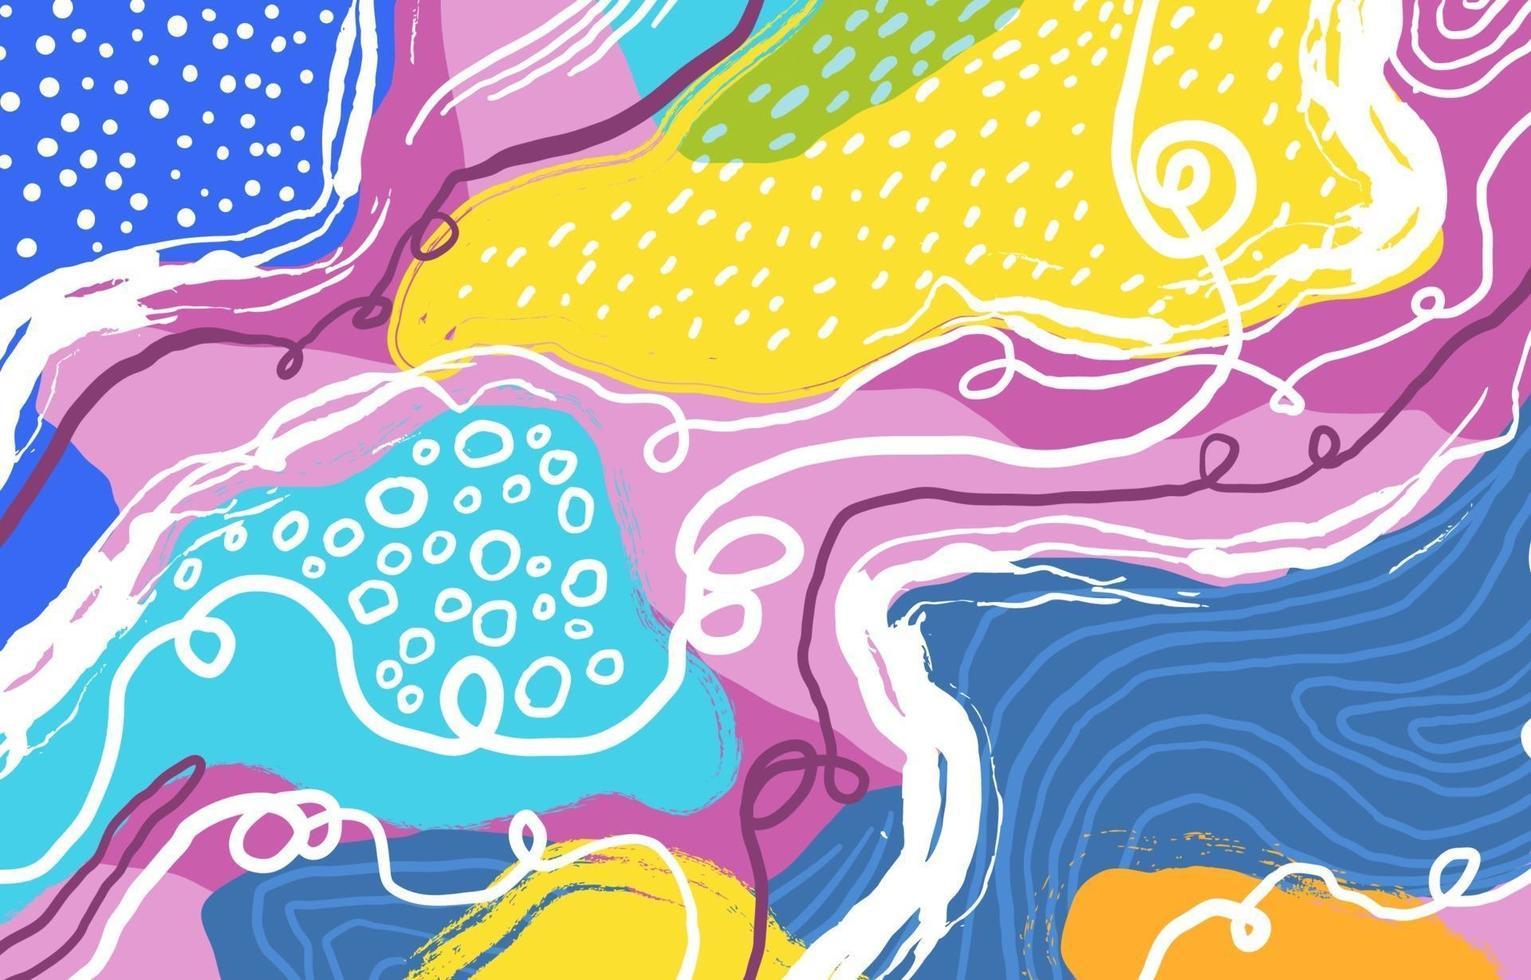 abstracte kleurrijke kunststijl achtergrond vector